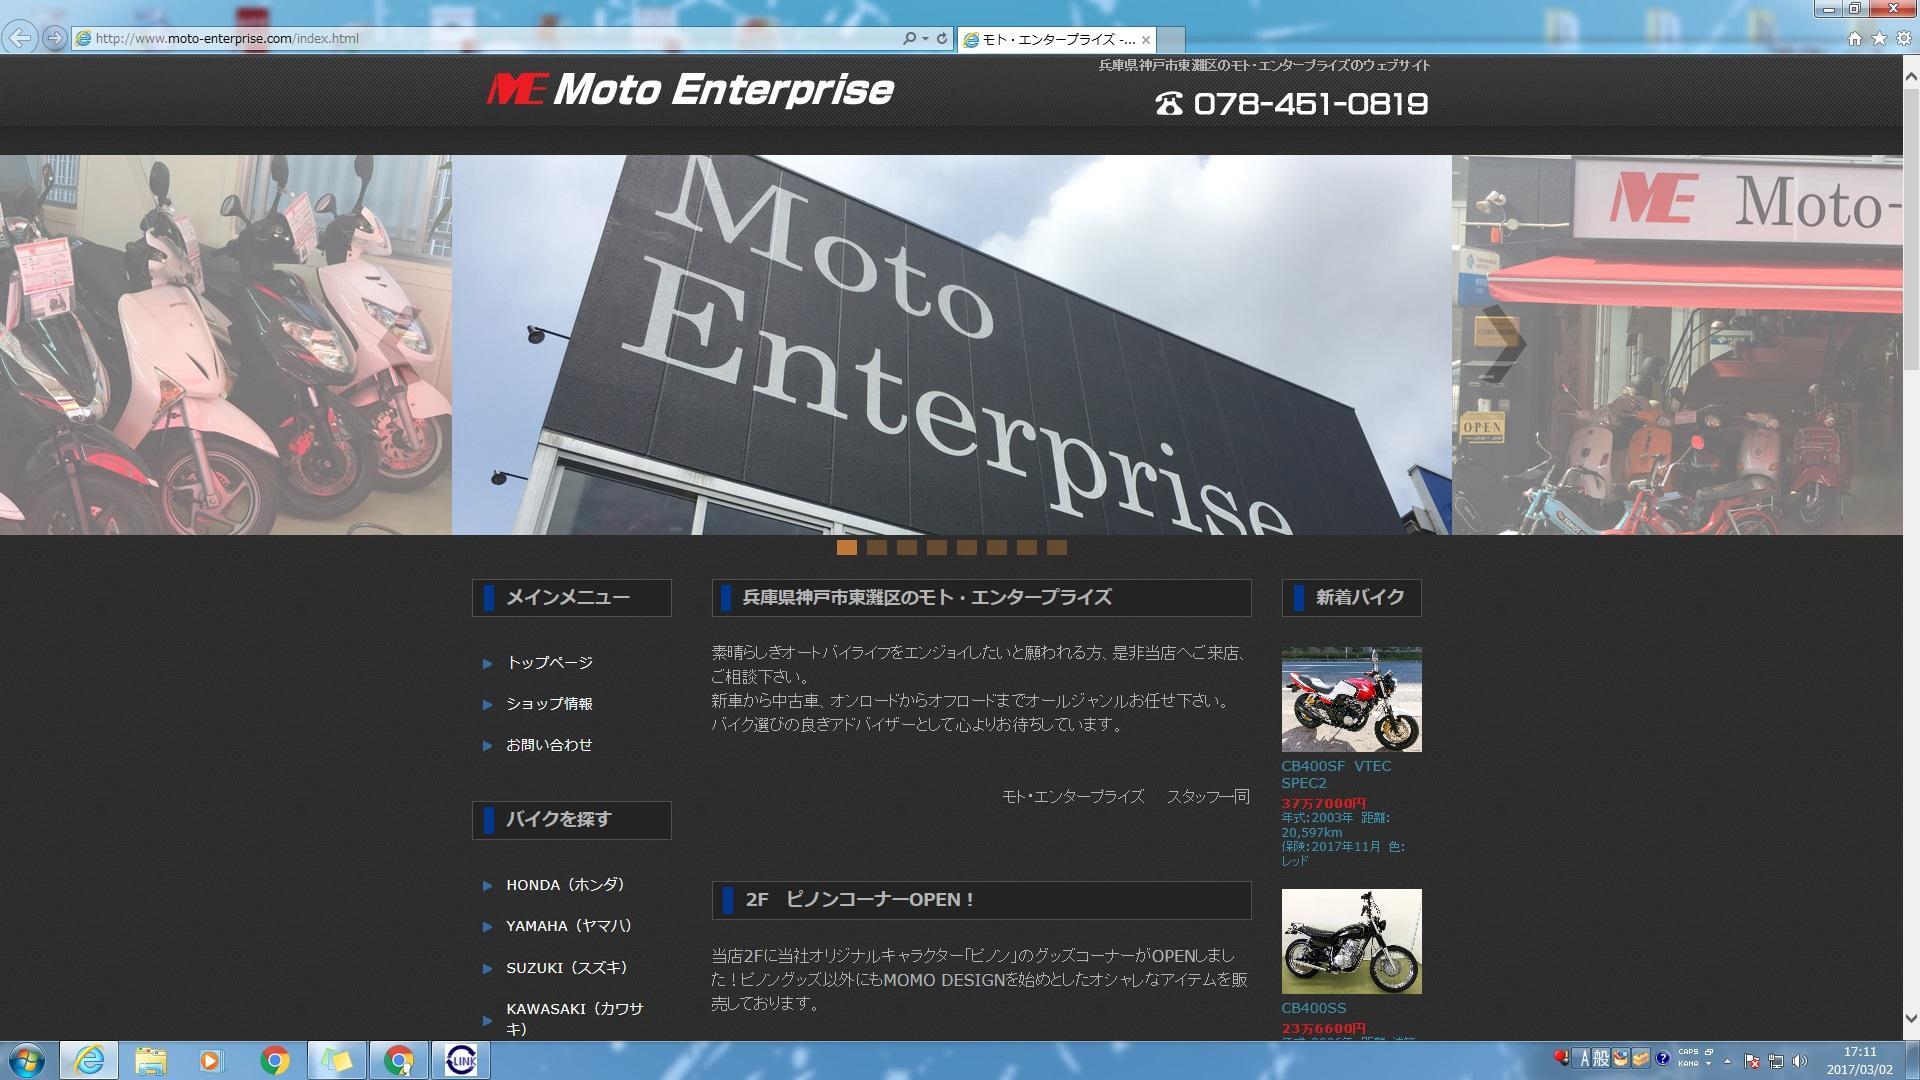 株式会社モト・エンタープライズ